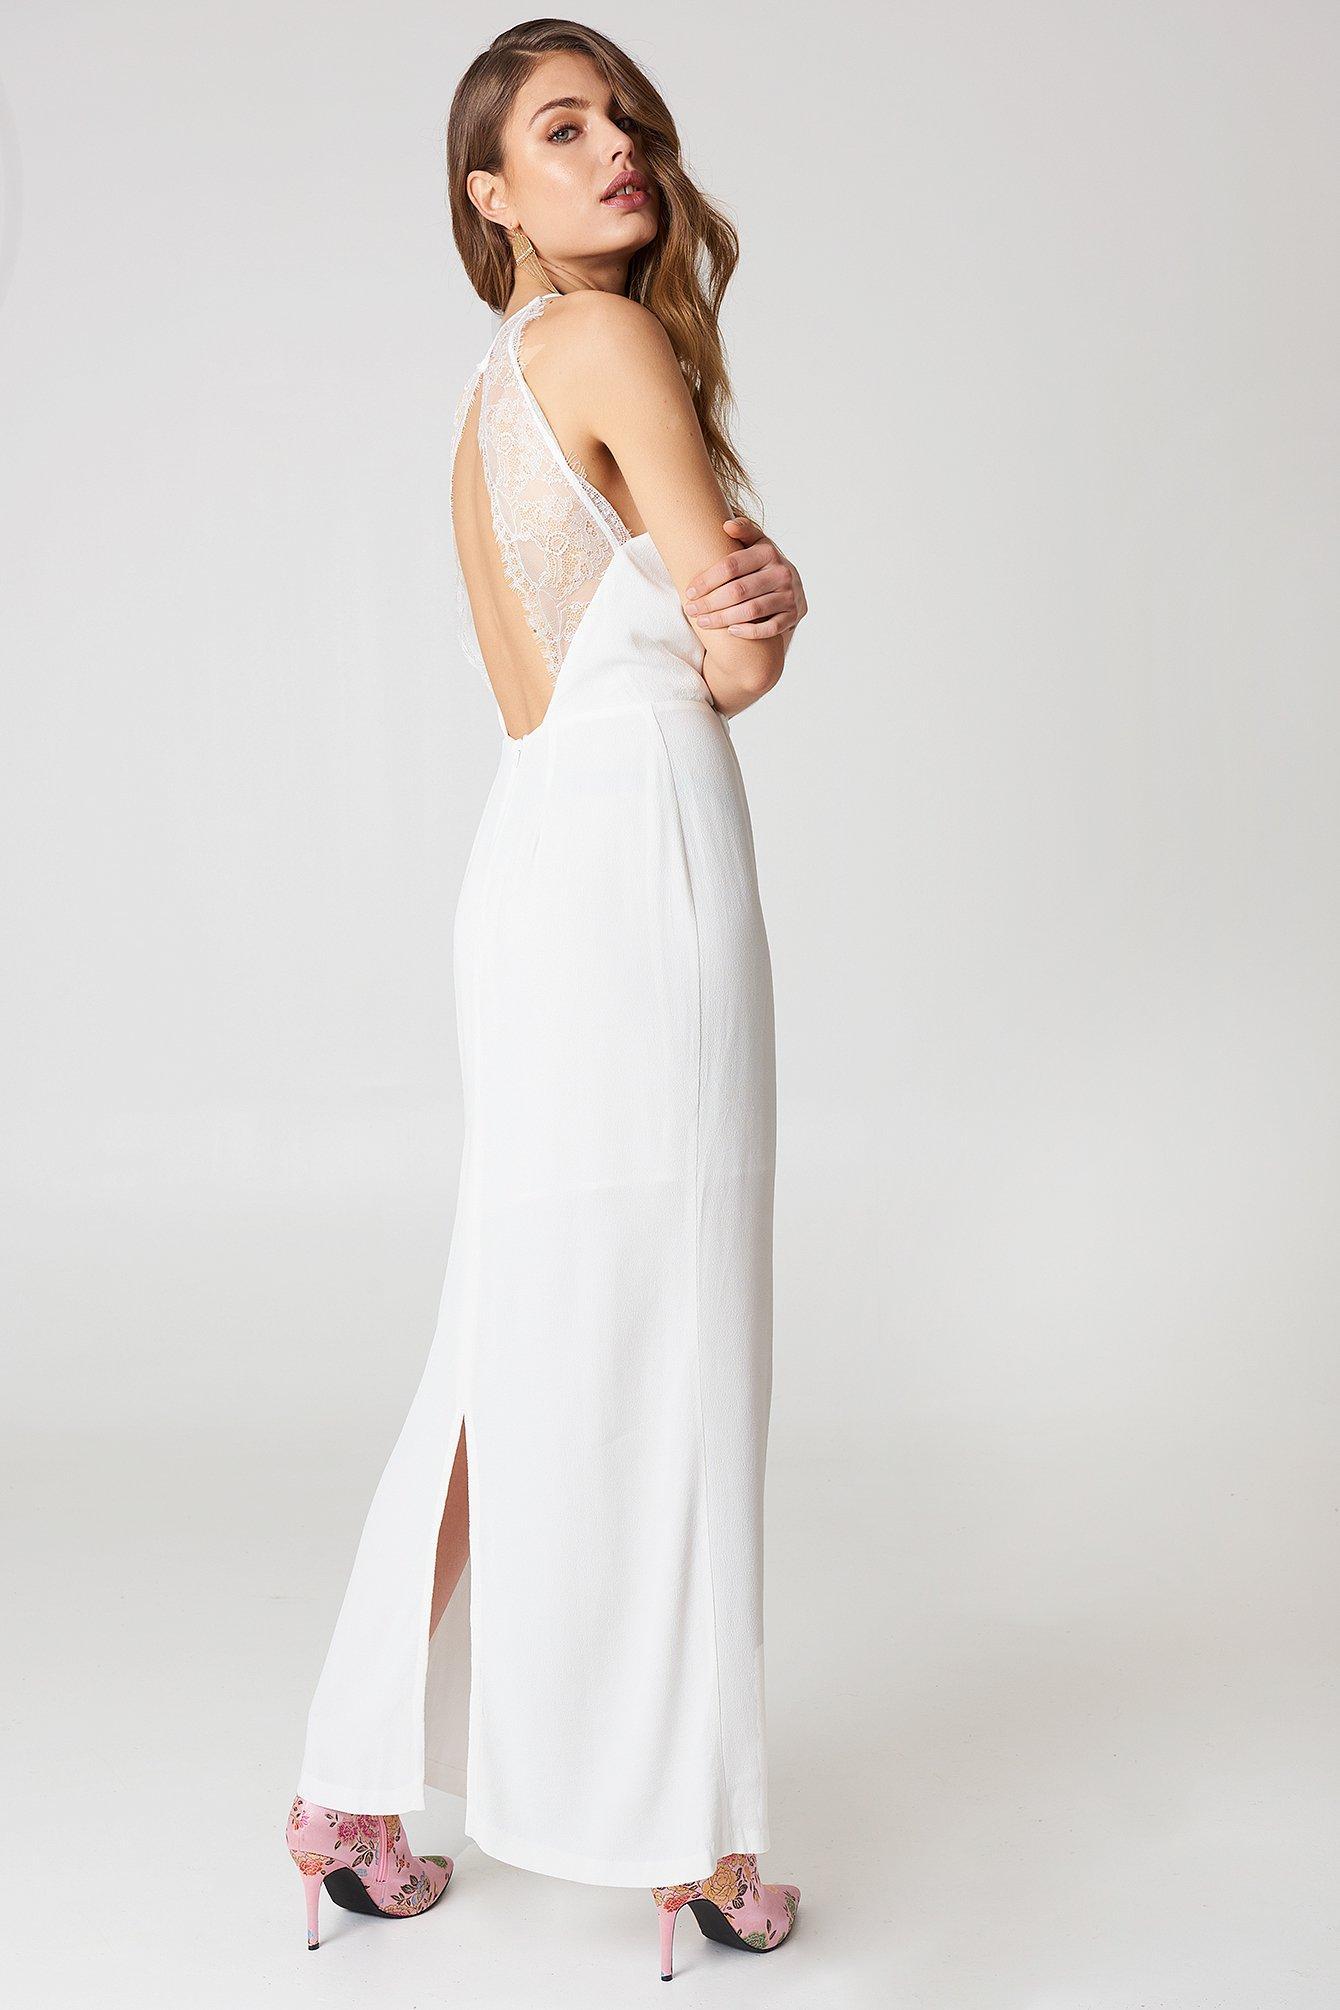 speical-erbjudande super populärt spara av Samsoe & Samsoe Willow Dress Long - White In Clear Cream   ModeSens